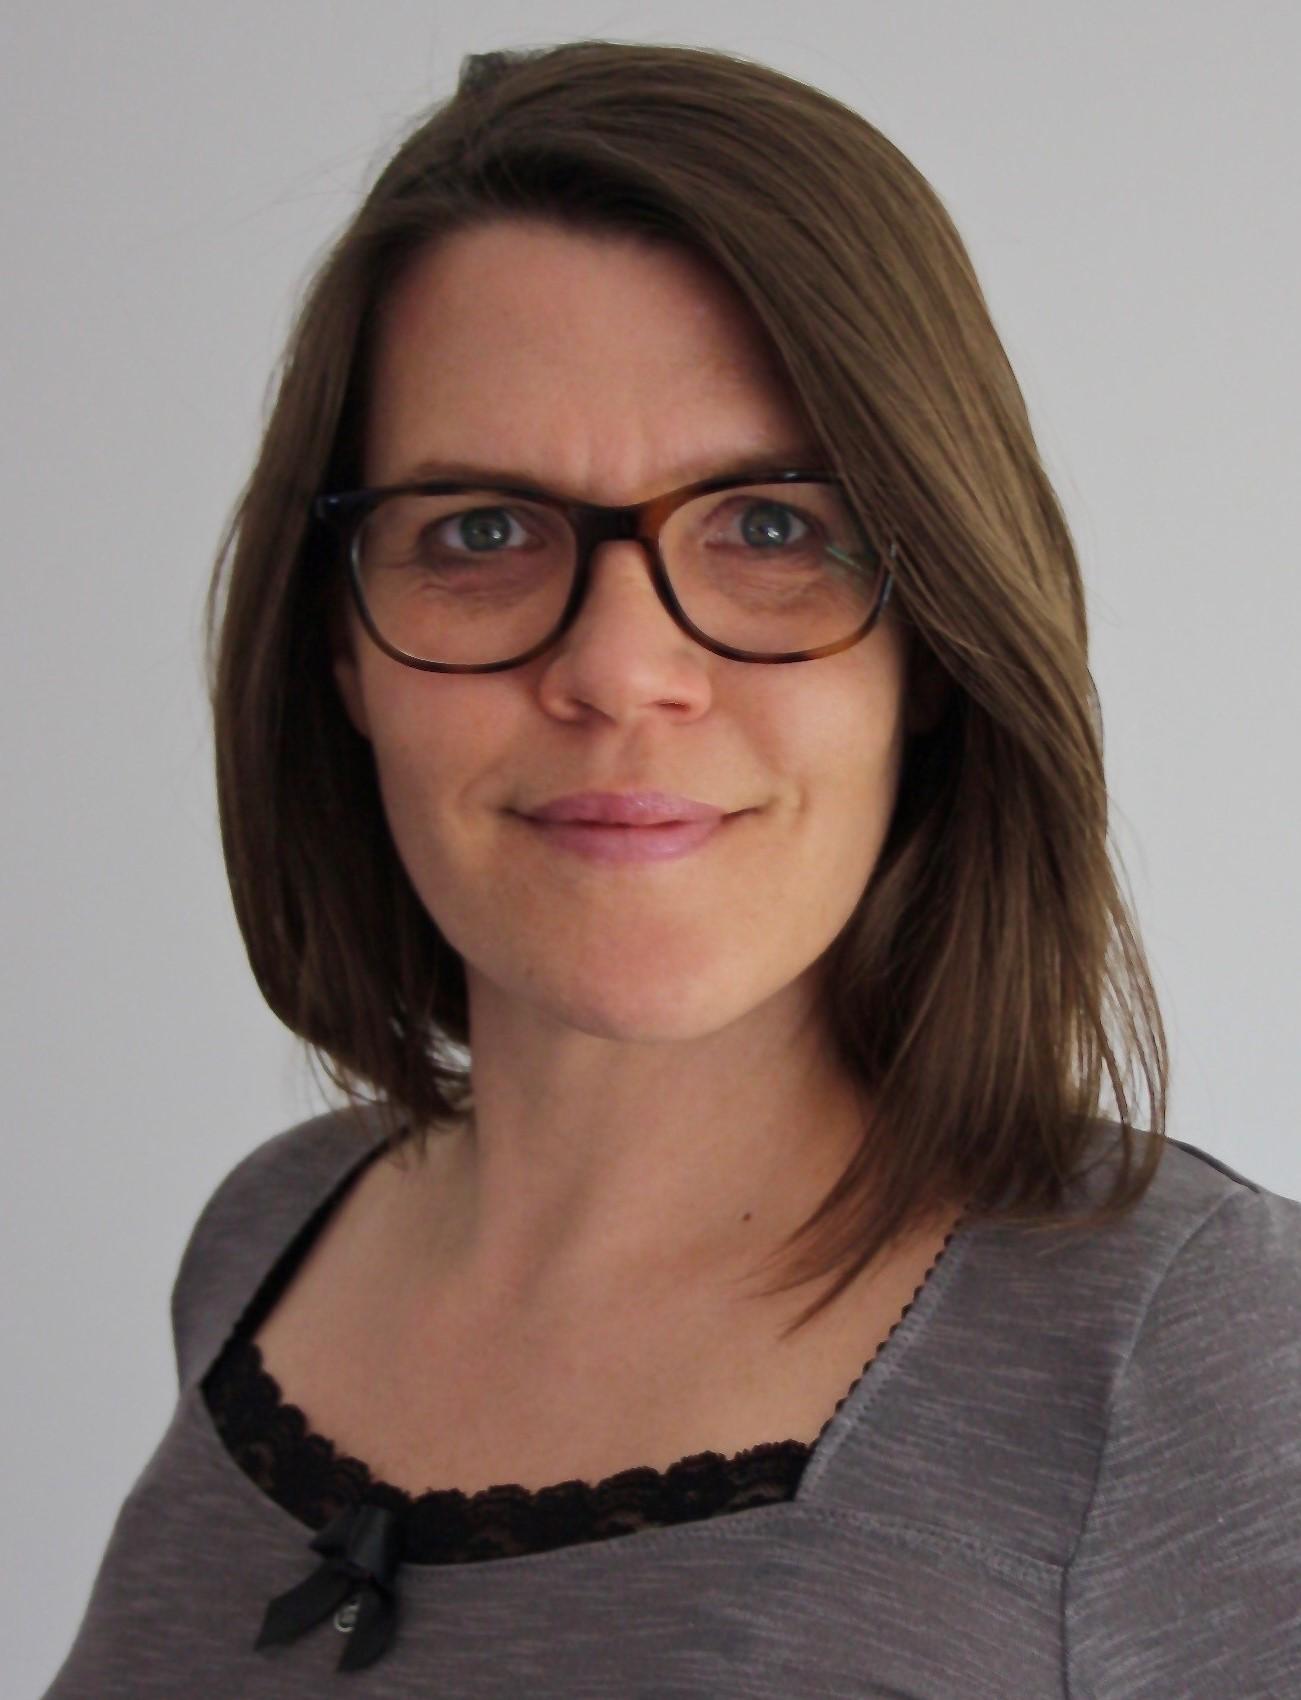 Melanie Schöne MELMIC GmbH